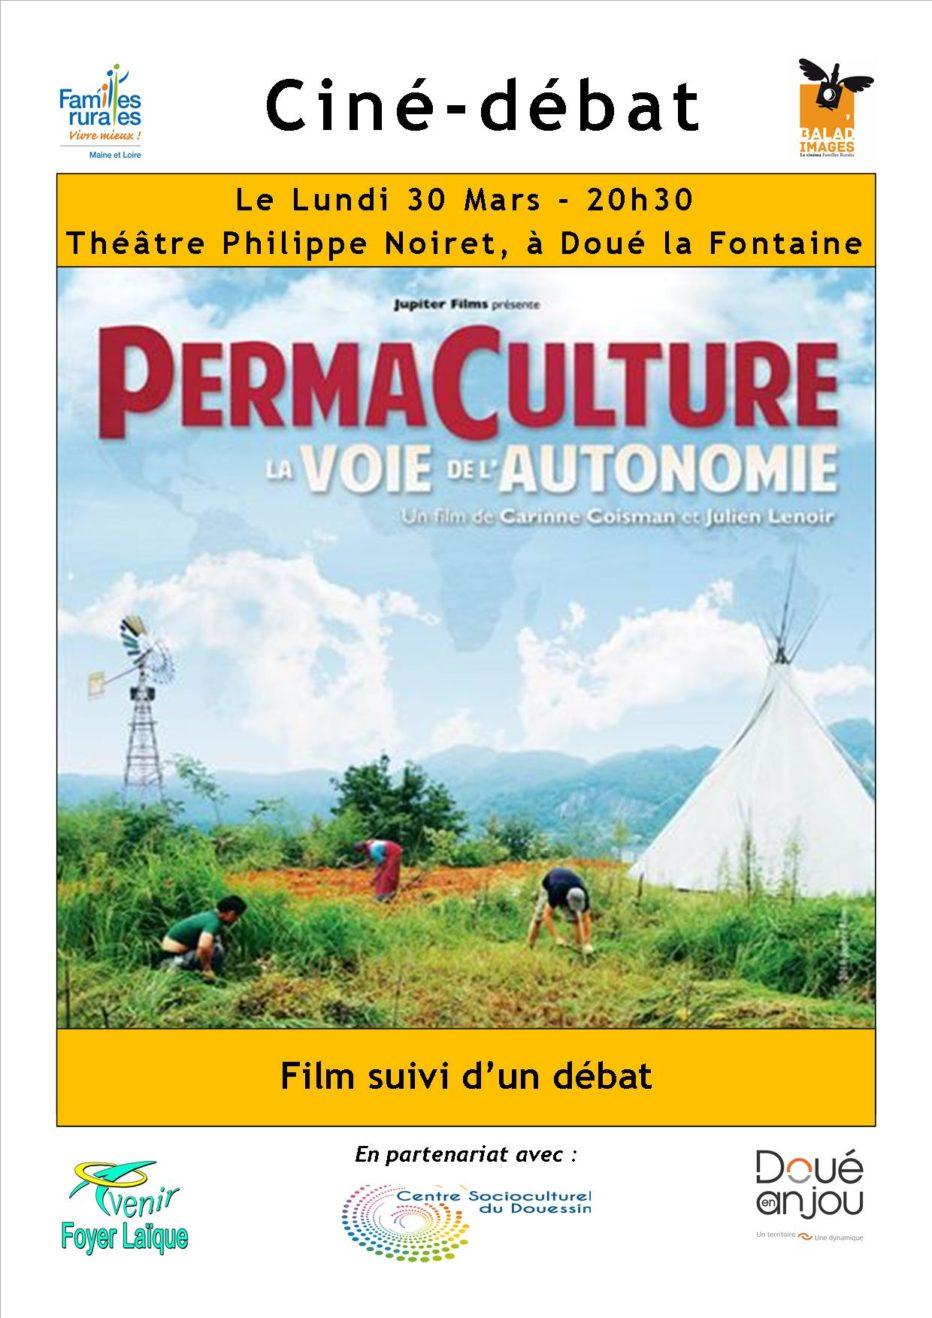 Ciné-débat «Permaculture, la voie de l'autonomie» à Doué-en-Anjou !